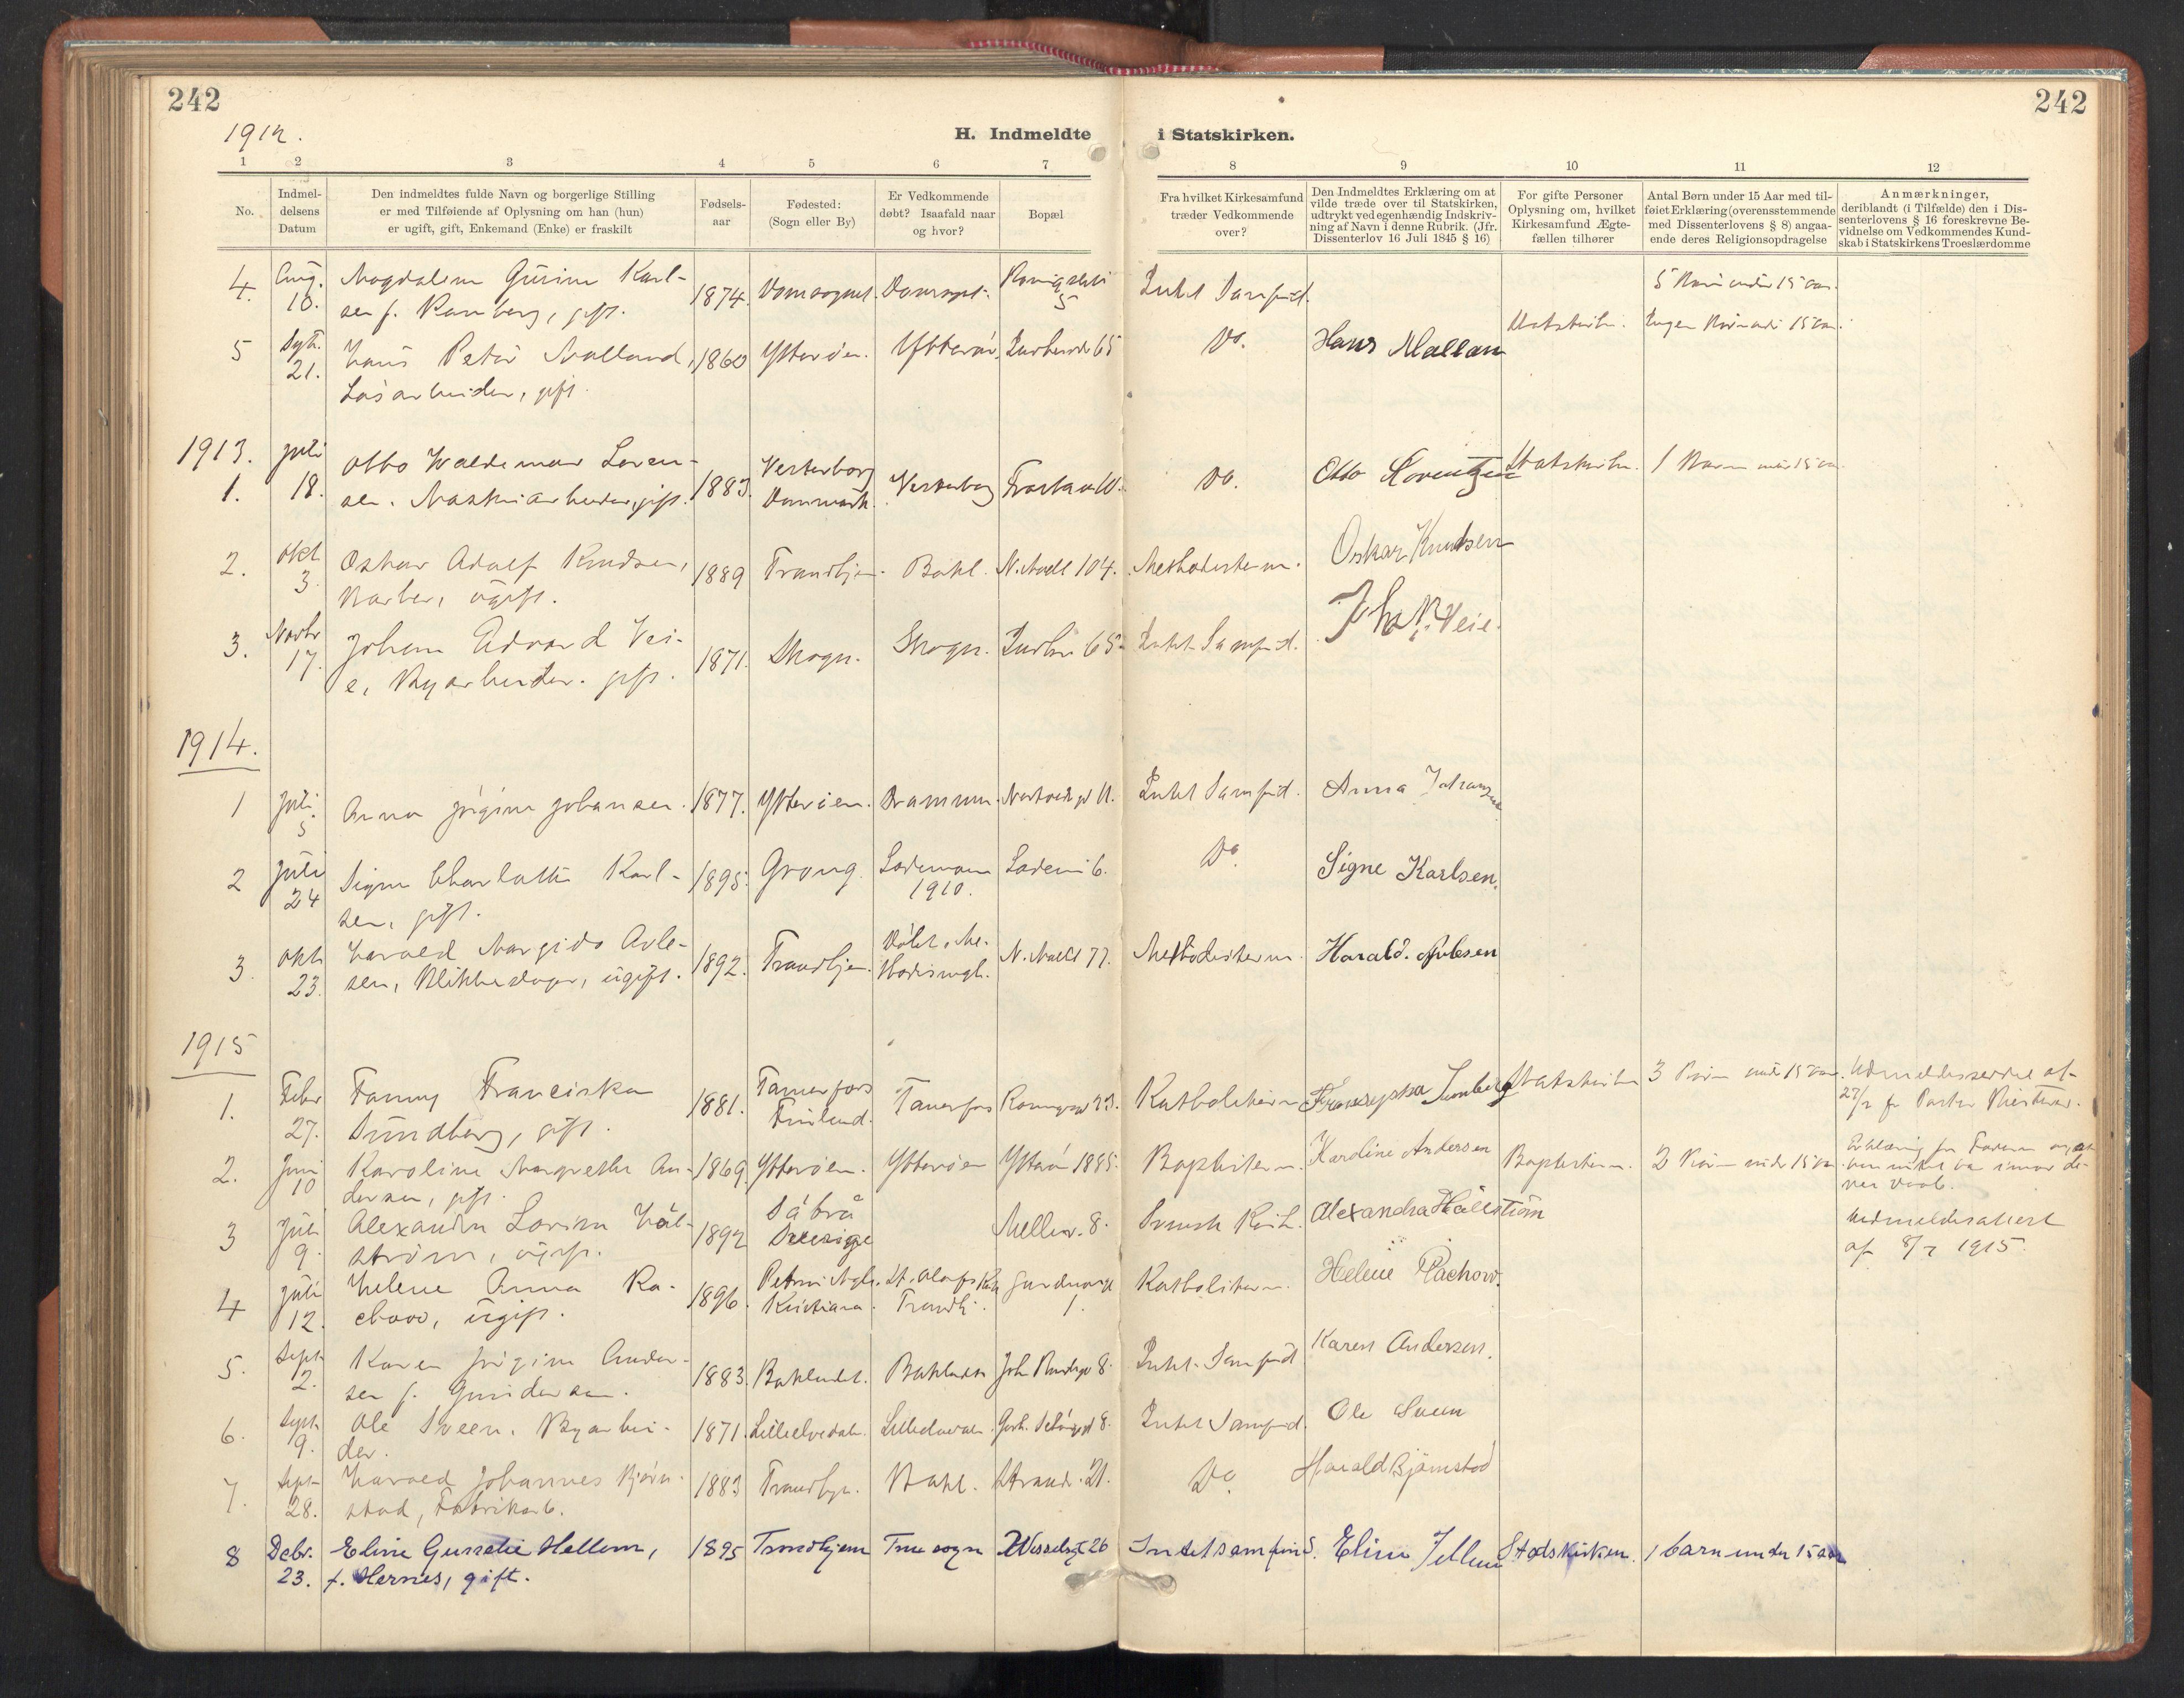 SAT, Ministerialprotokoller, klokkerbøker og fødselsregistre - Sør-Trøndelag, 605/L0244: Ministerialbok nr. 605A06, 1908-1954, s. 242